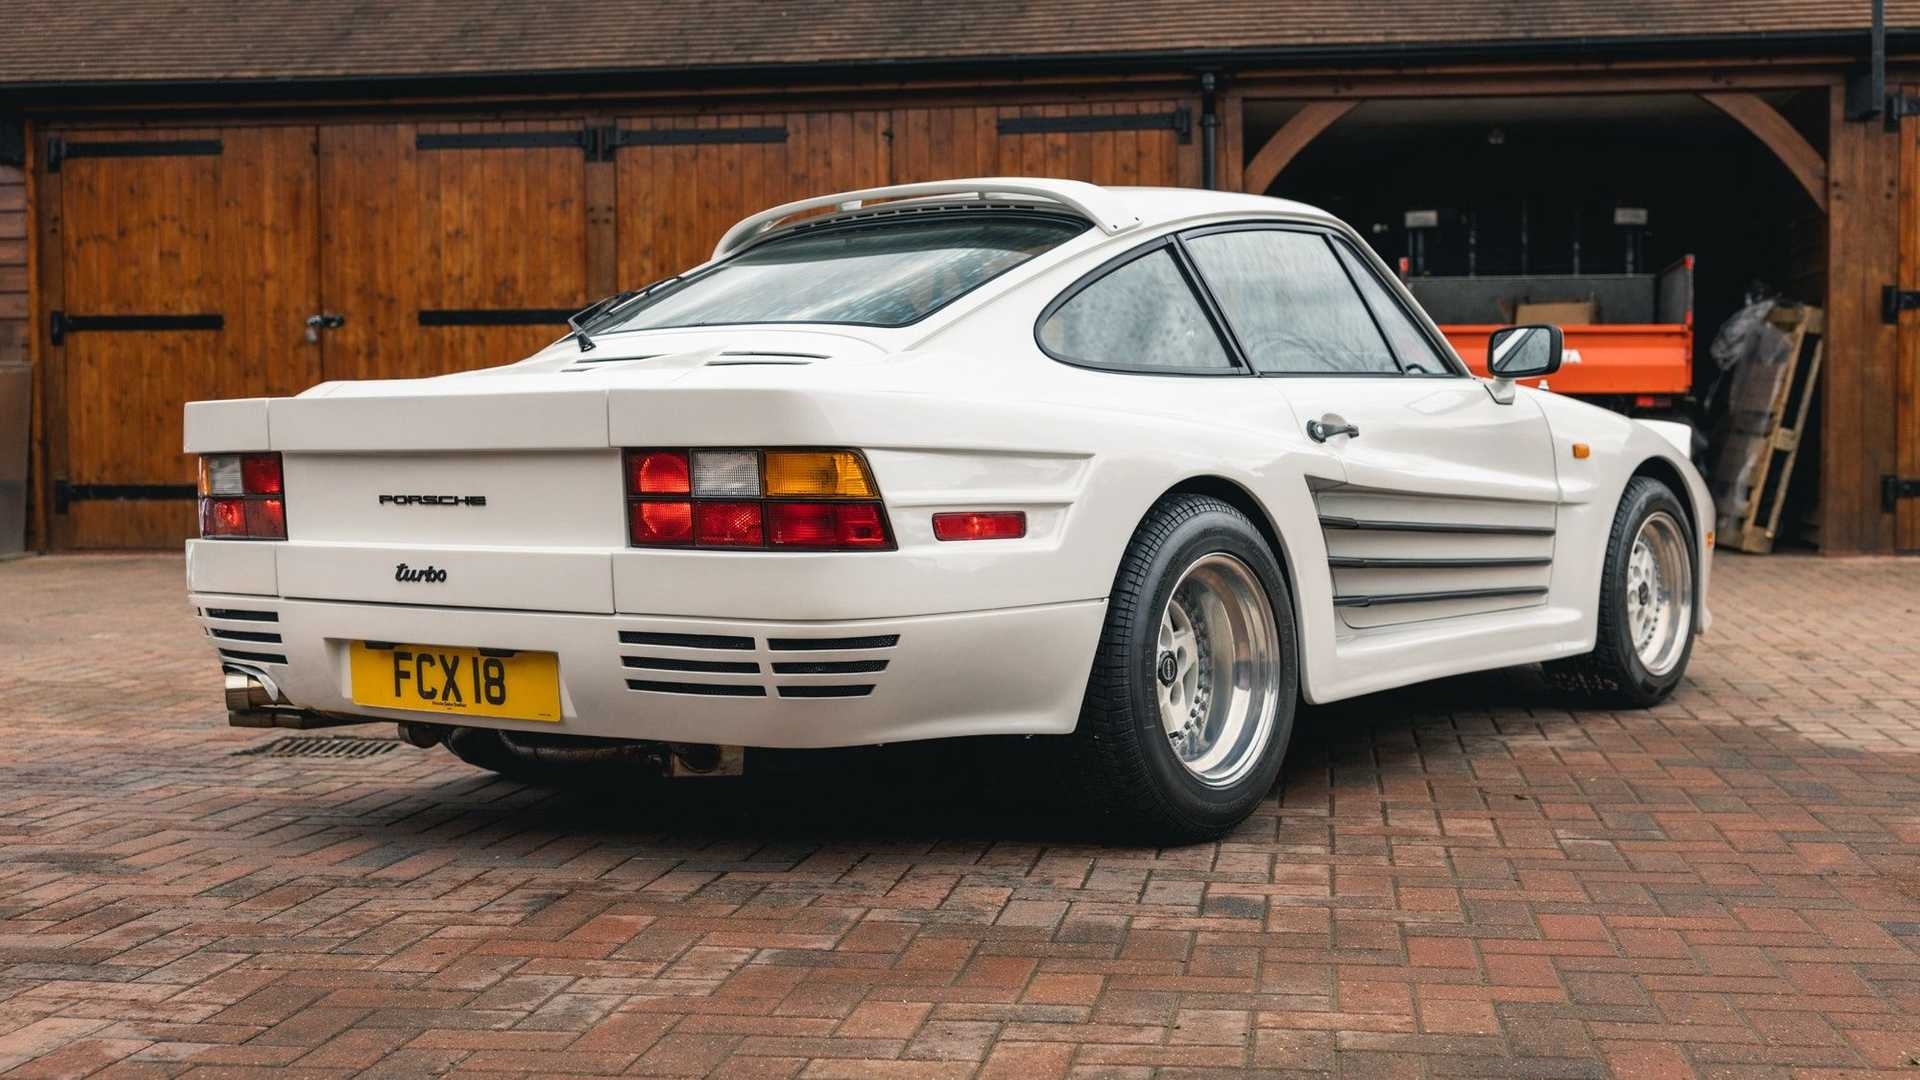 Porsche-911-930-Turbo-Rinspeed-R69-for-sale-5